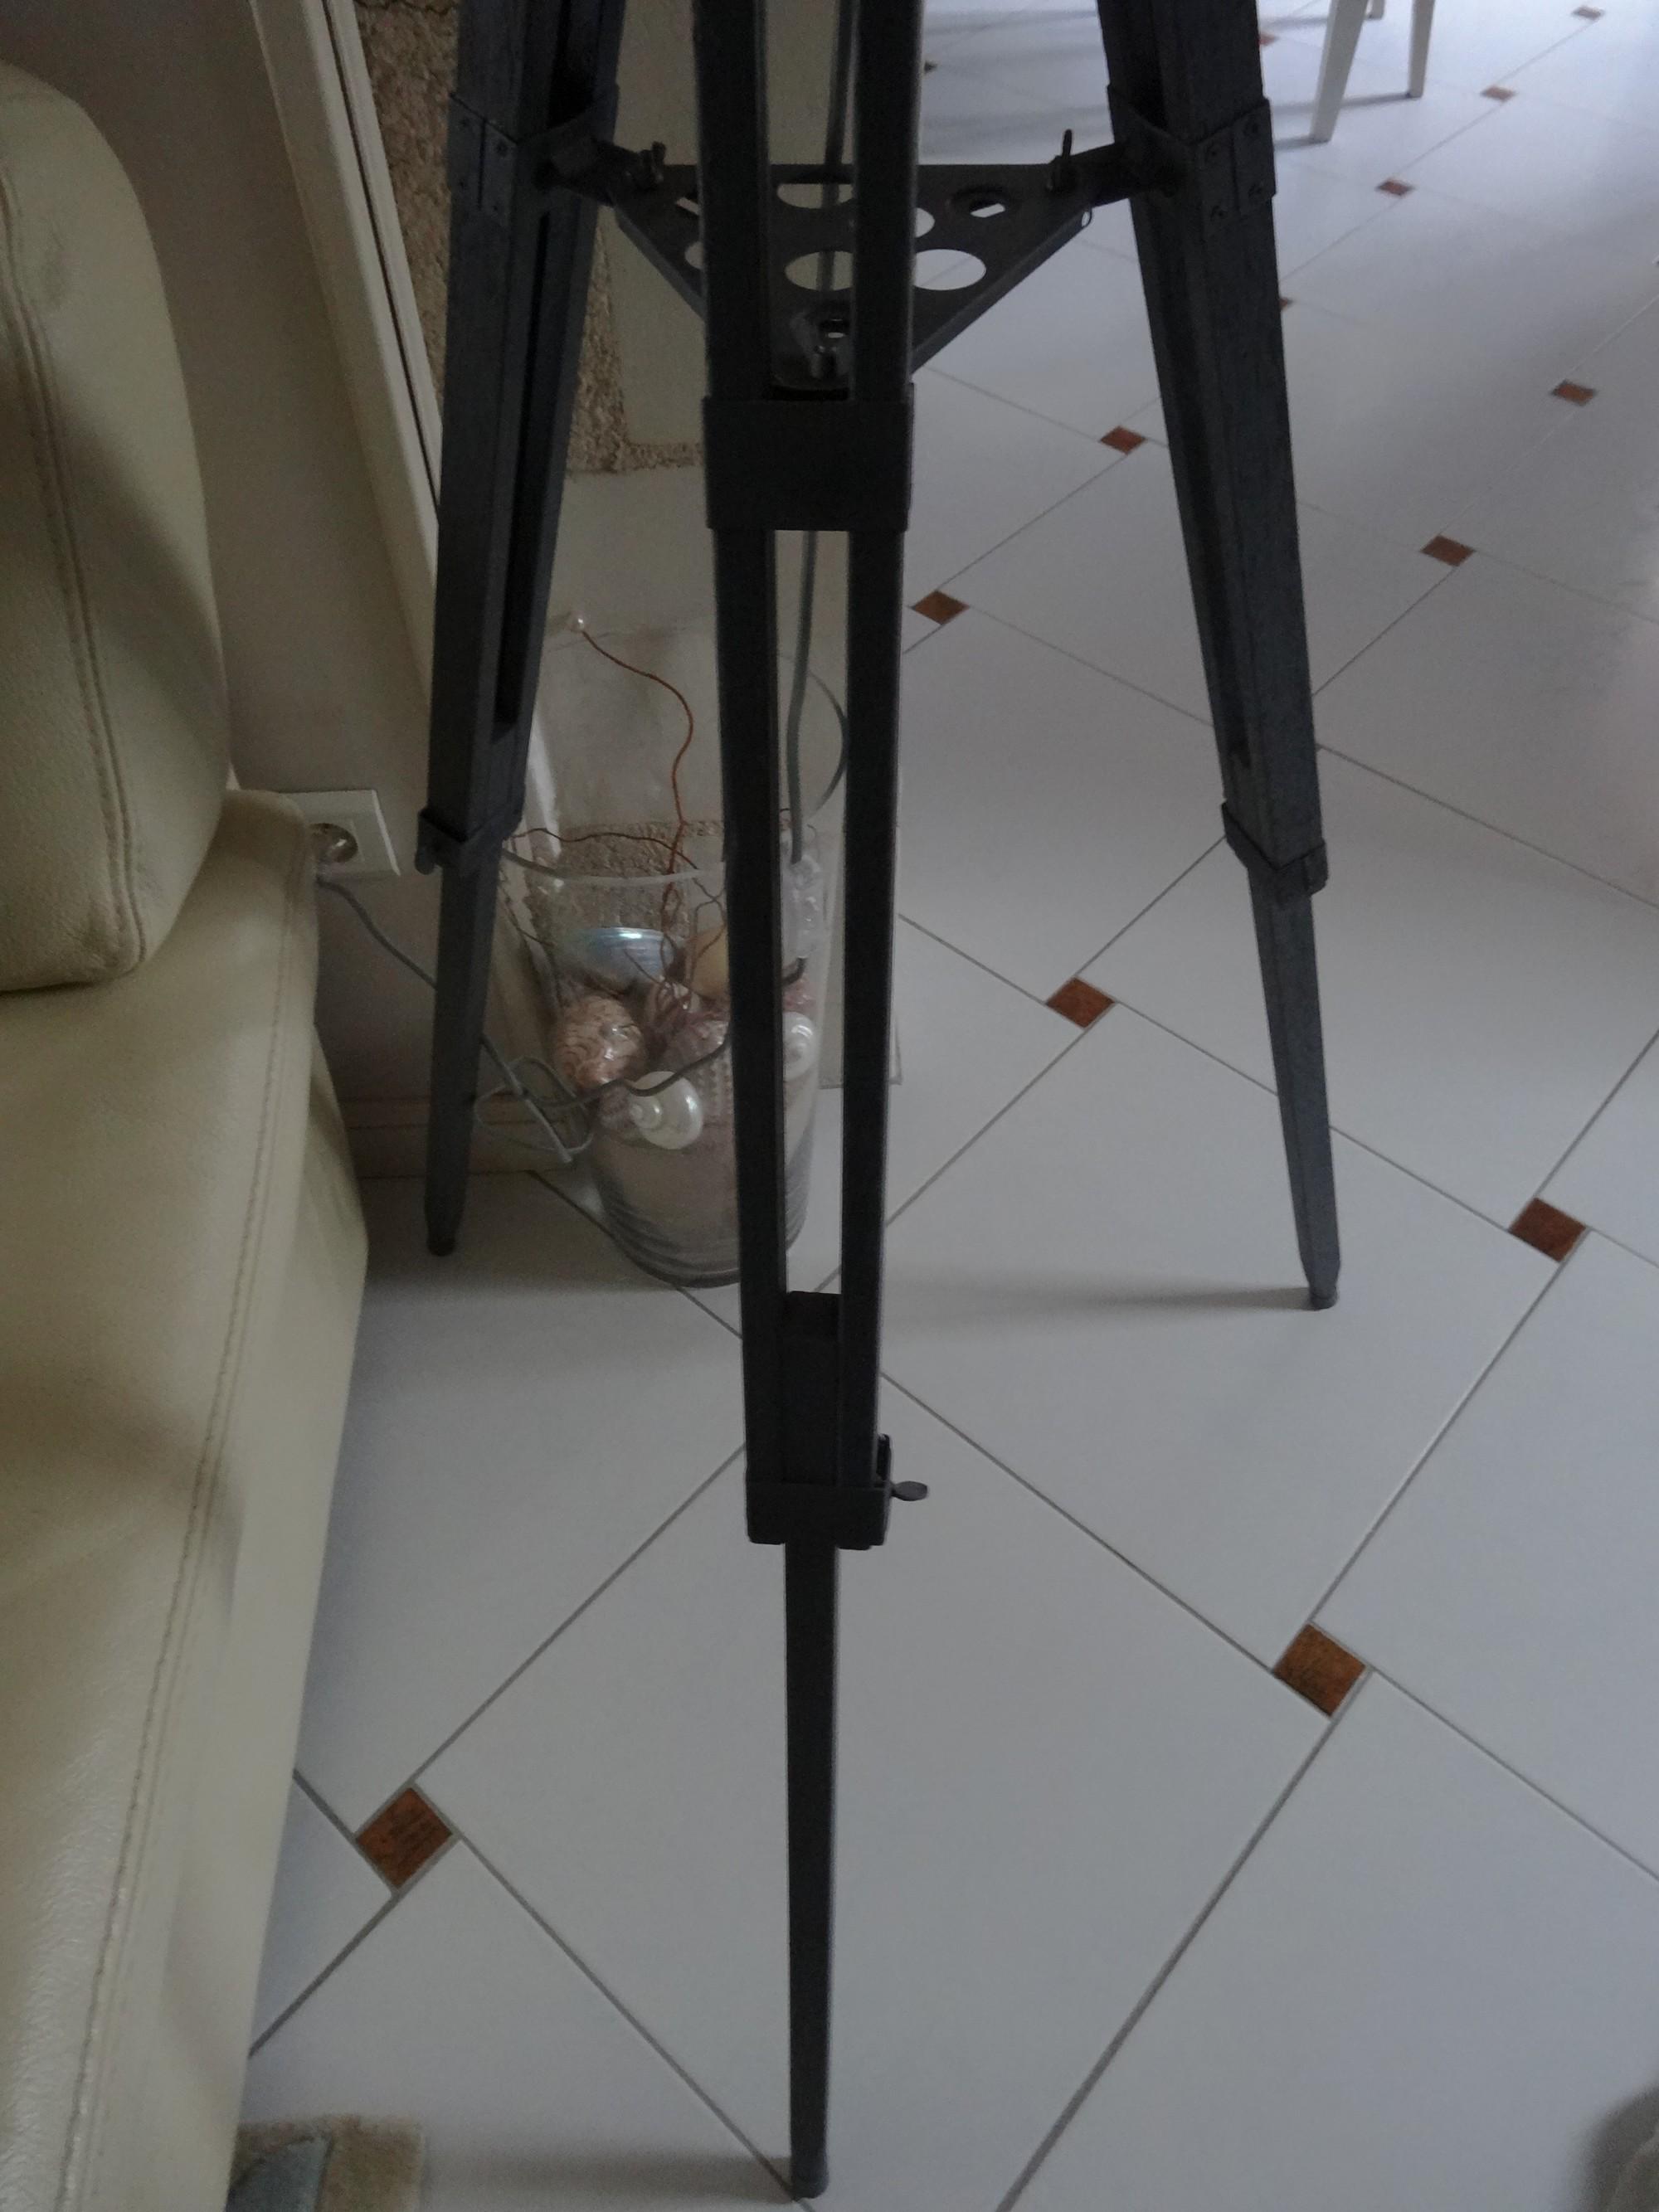 lampe r alis e partir d un tr pied de photographe anjoudeco. Black Bedroom Furniture Sets. Home Design Ideas